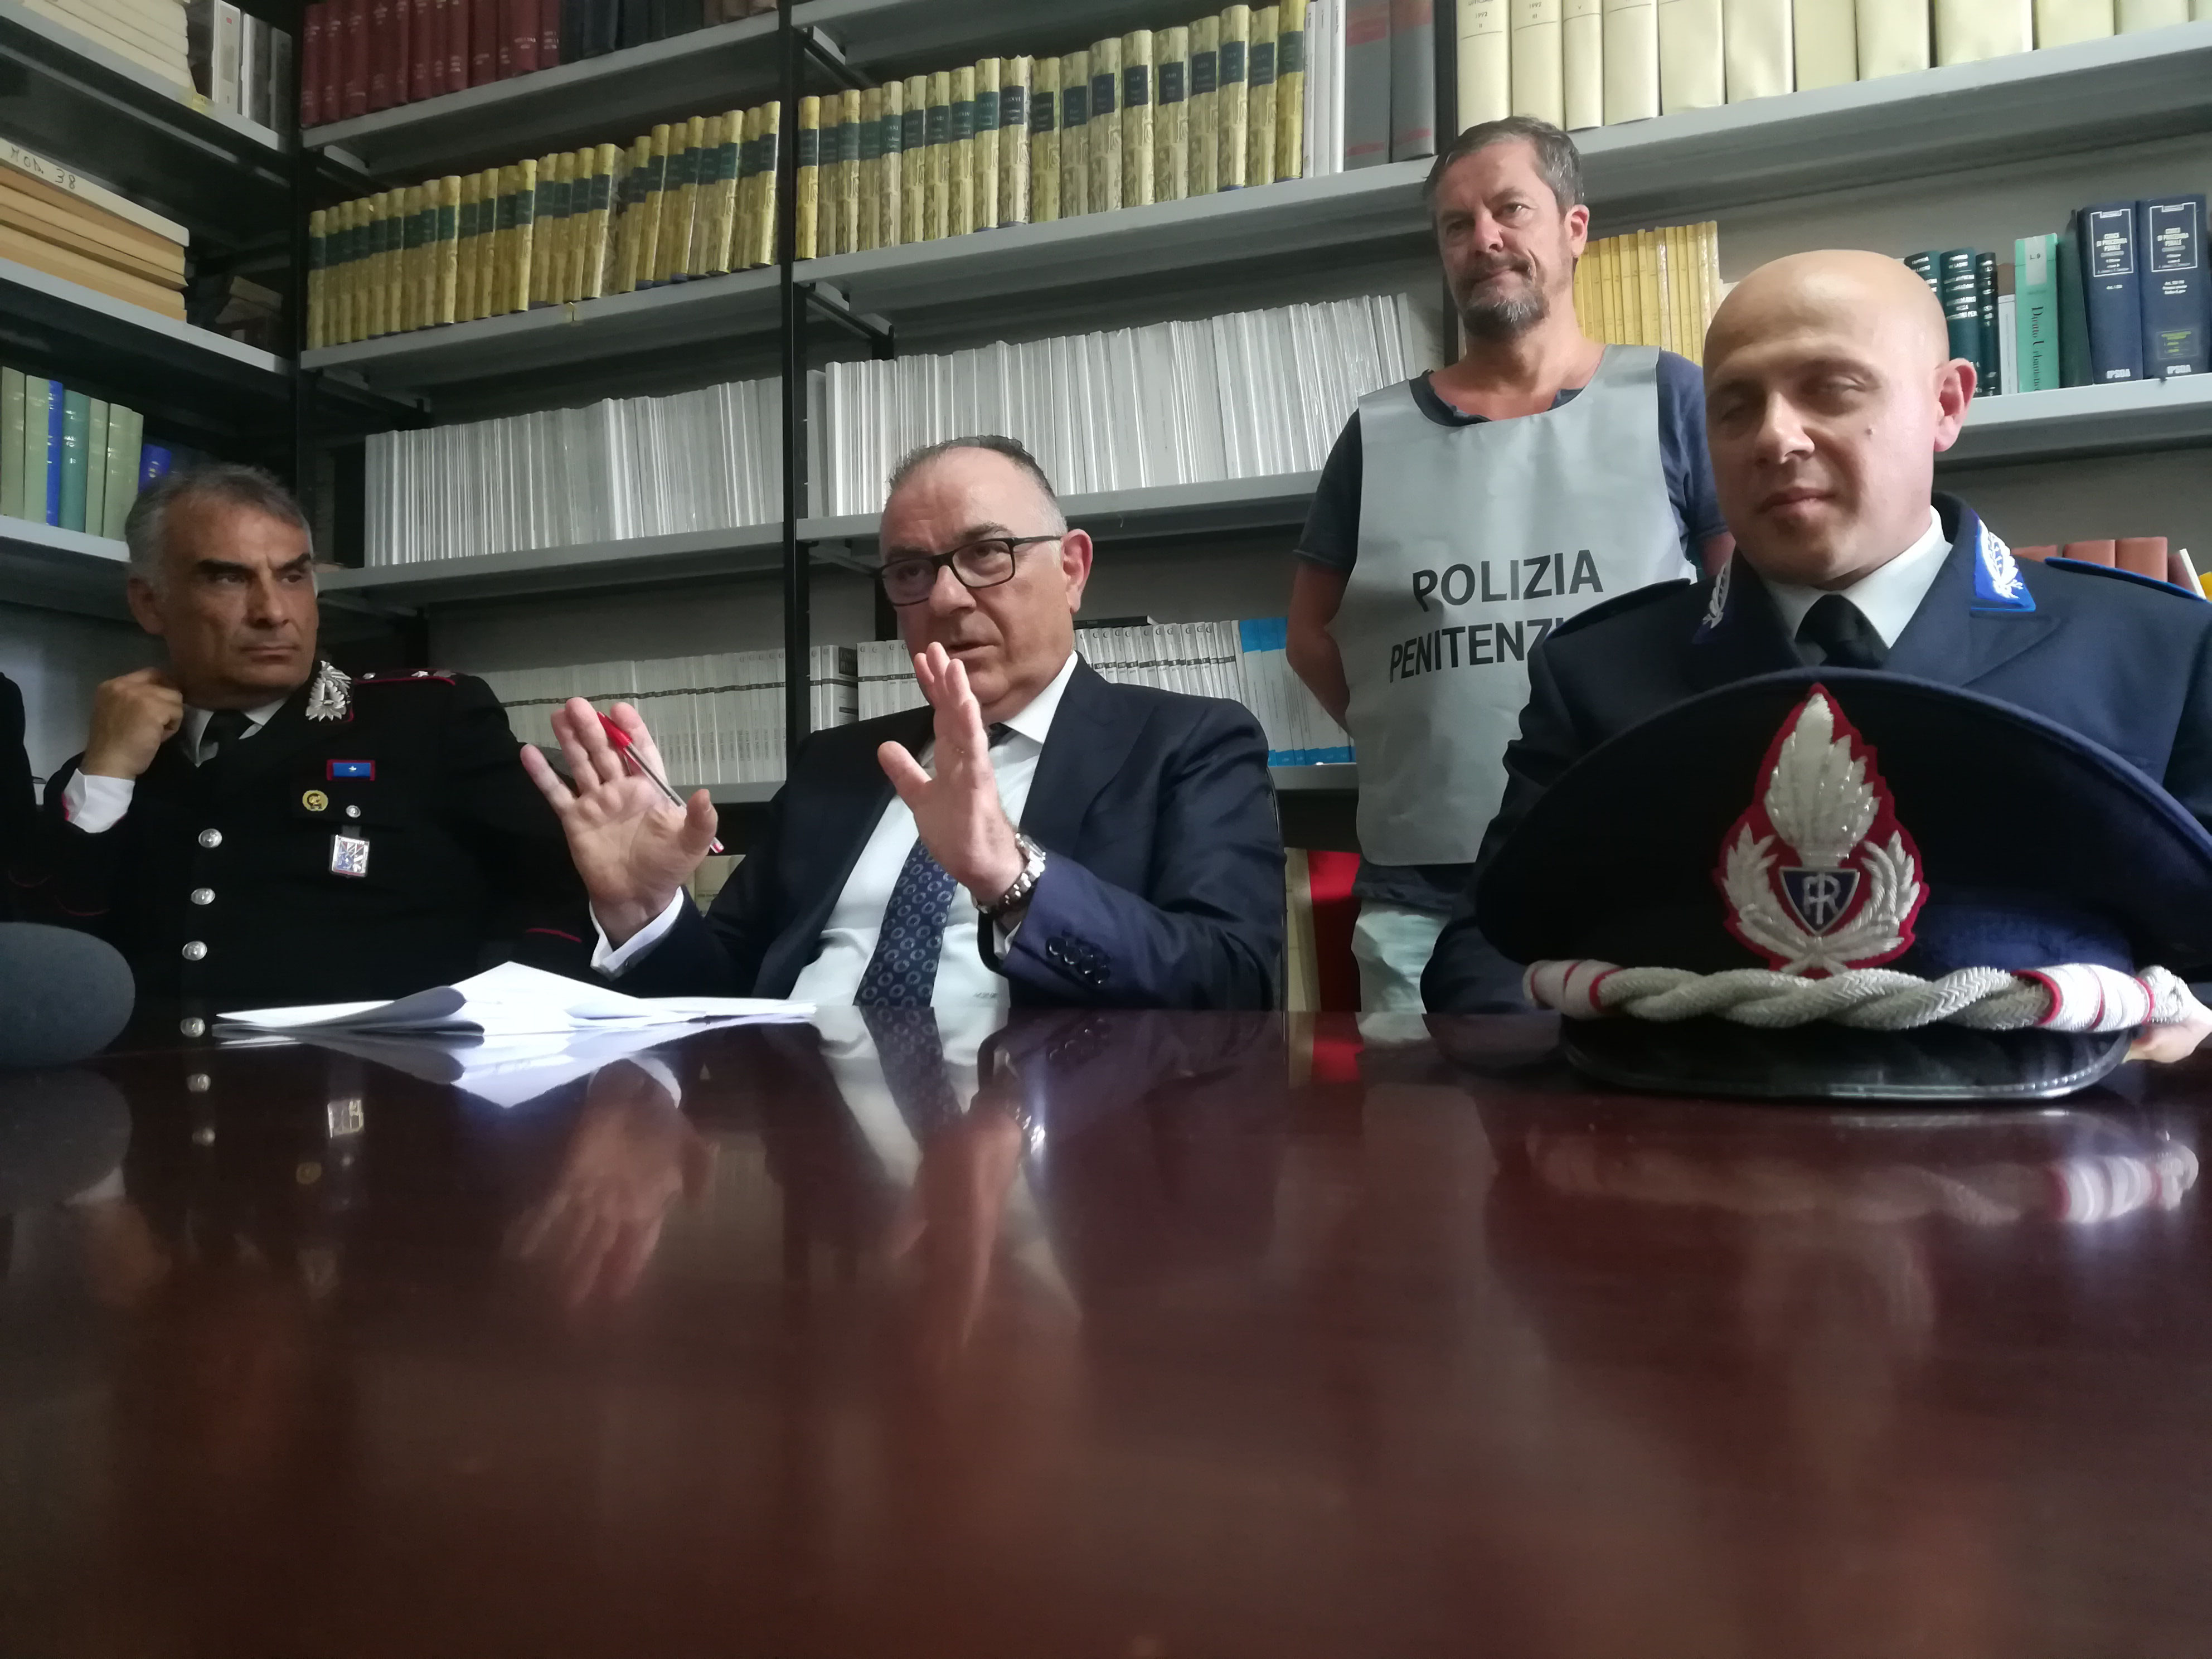 Droga in carcere nei deodoranti, arrestati due dipendenti della cooperativa (I DETTAGLI)